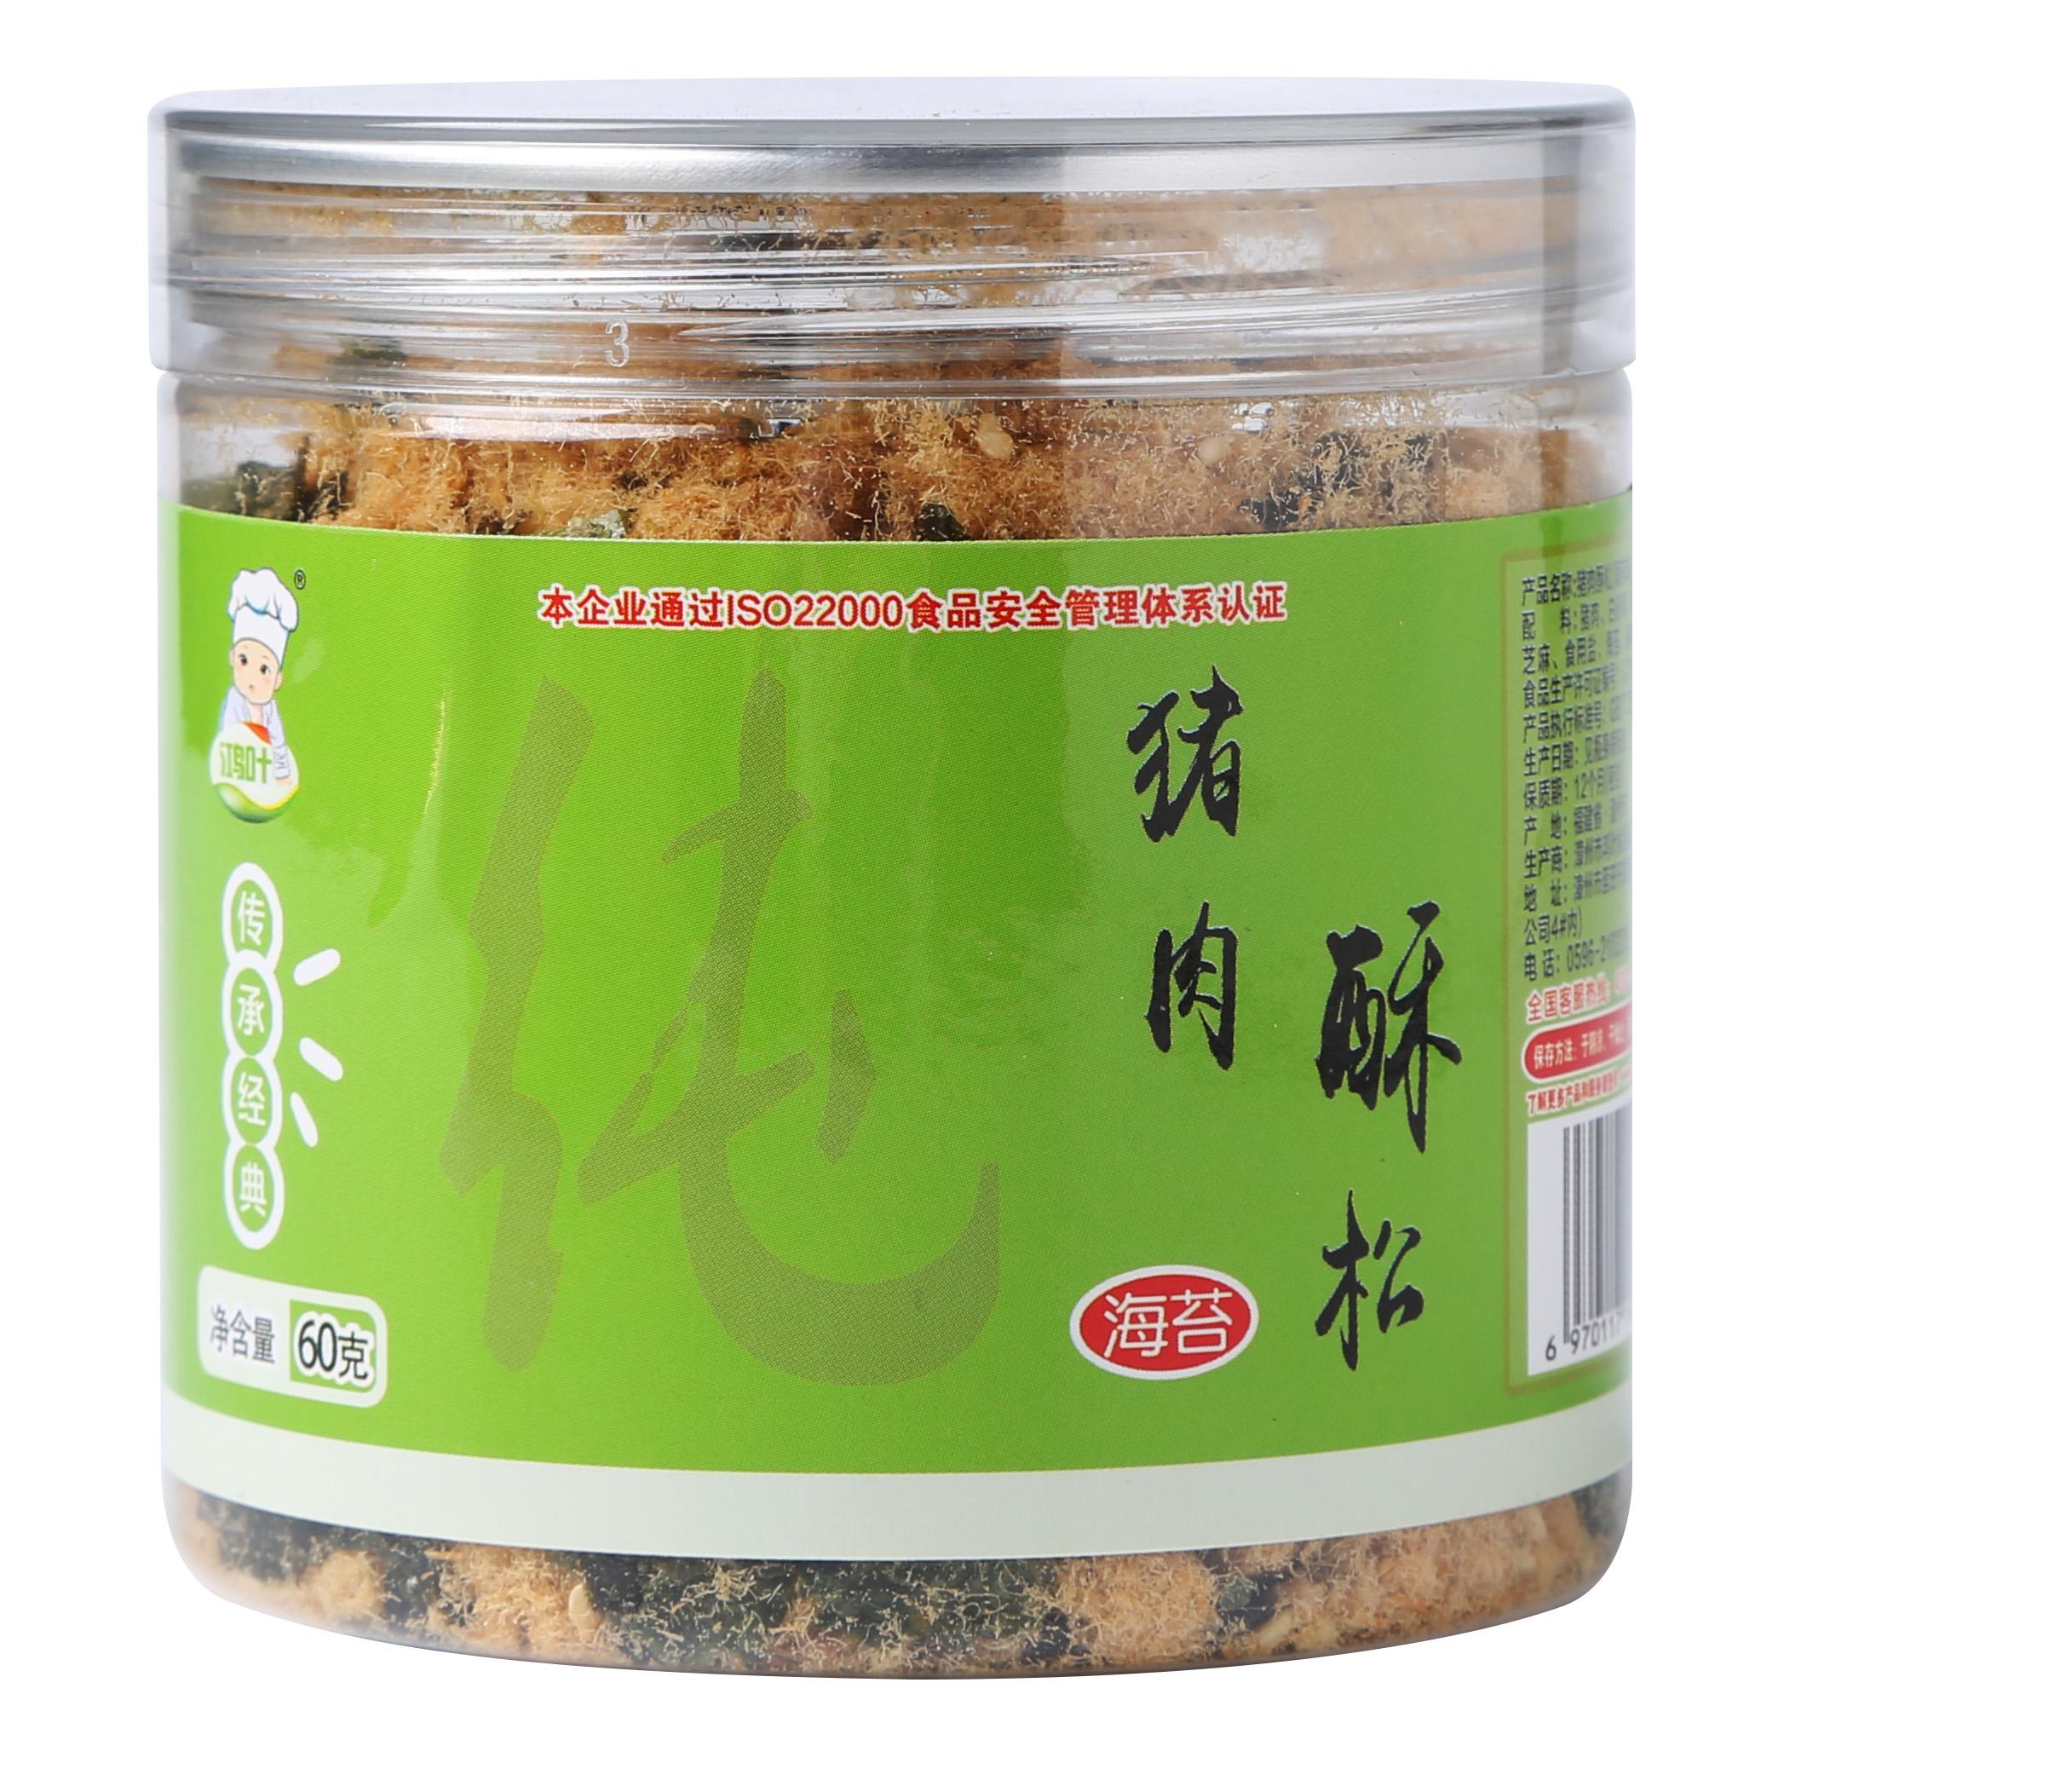 猪肉酥松-海苔味